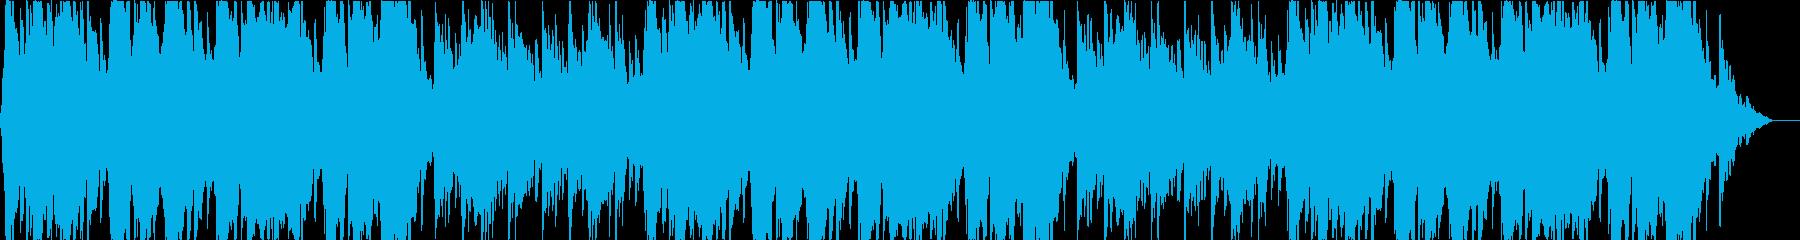 尺八による壮大な和風曲の再生済みの波形